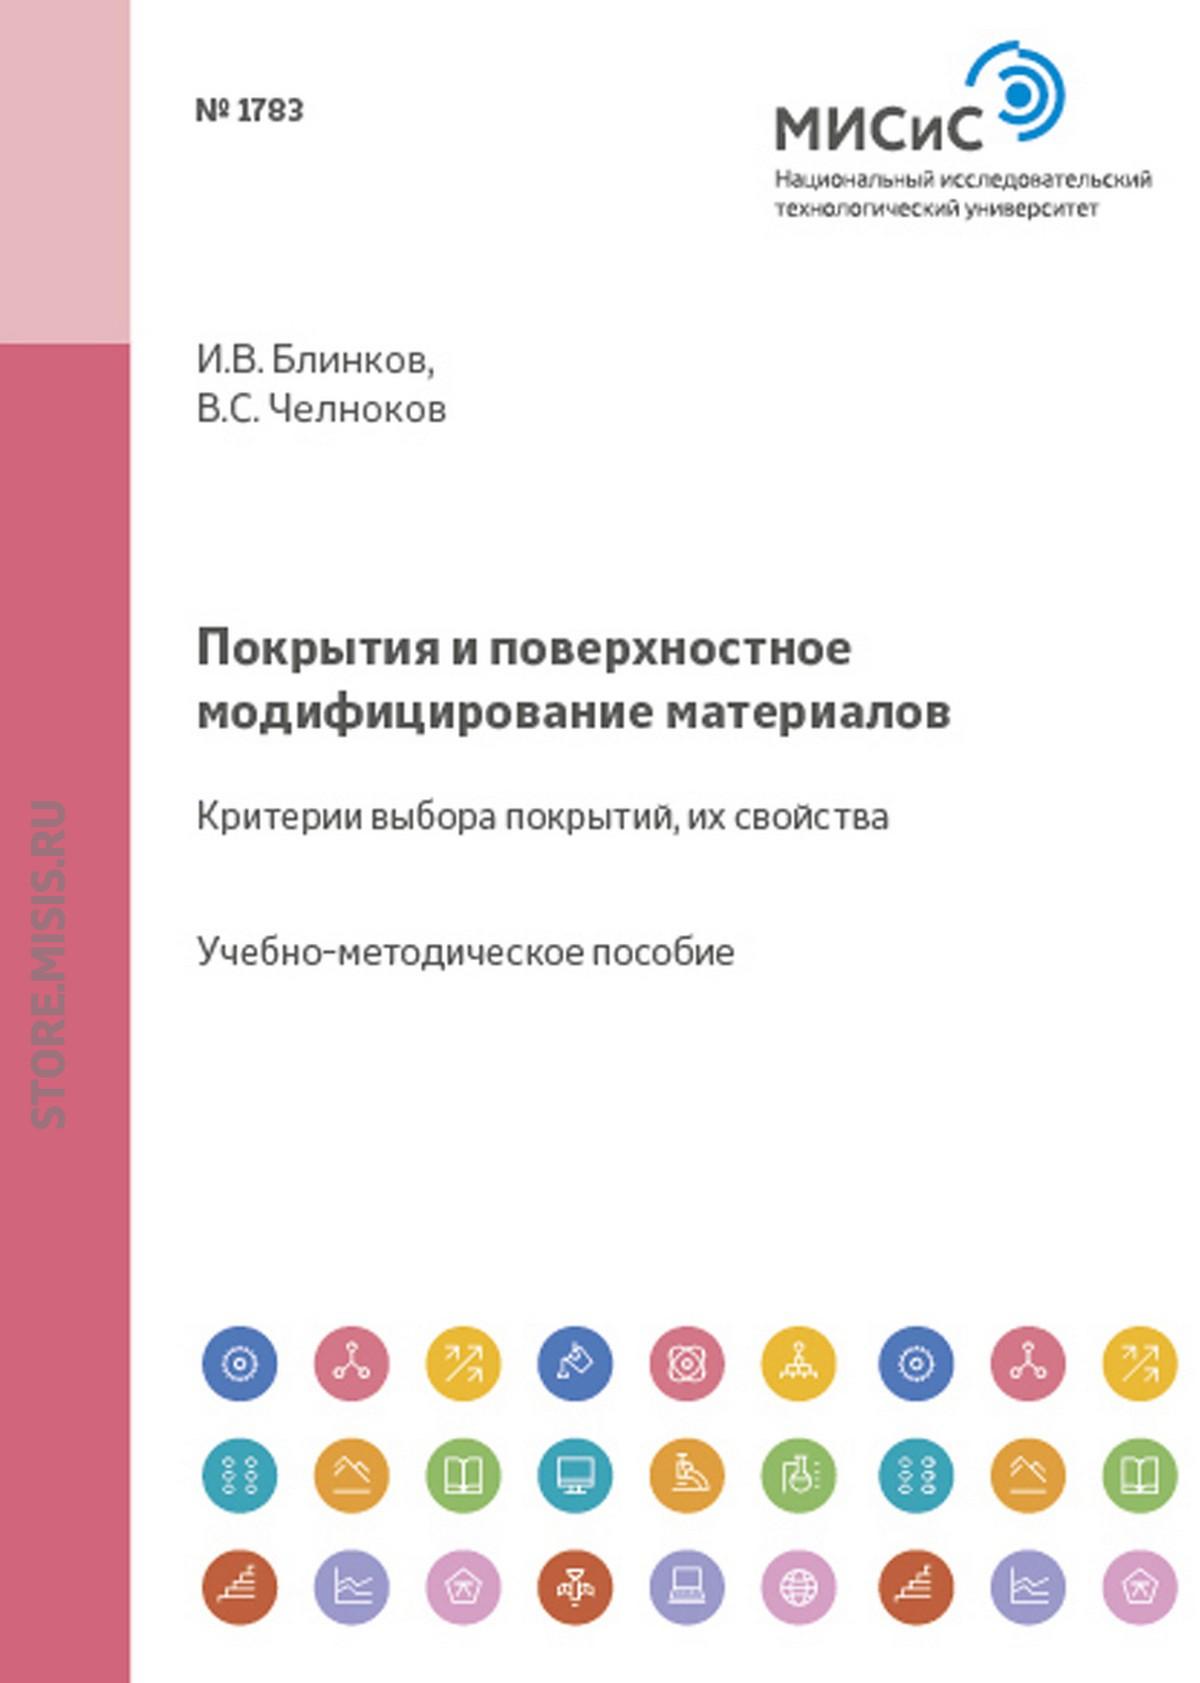 И. В. Блинков Покрытия и поверхностное модифицирование материалов. Критерии выбора покрытий, их свойства